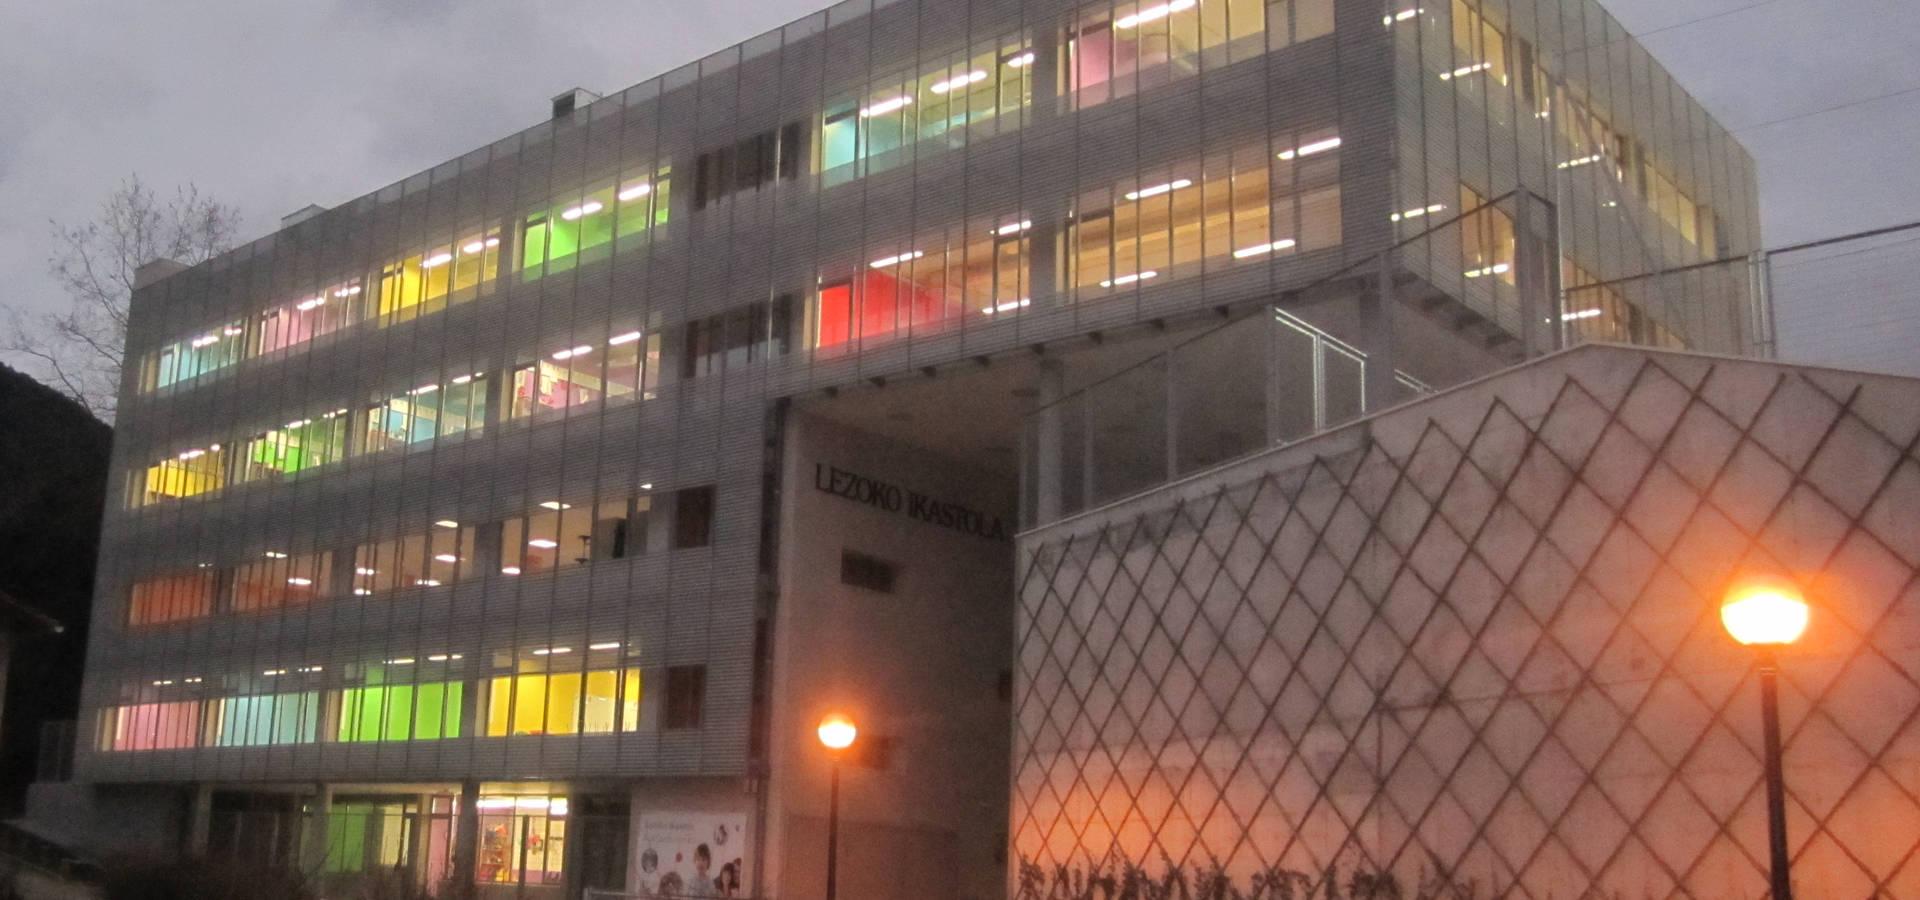 Edificio docente en lezo di itark arquitectura y urbanismo for Arquitectura y urbanismo